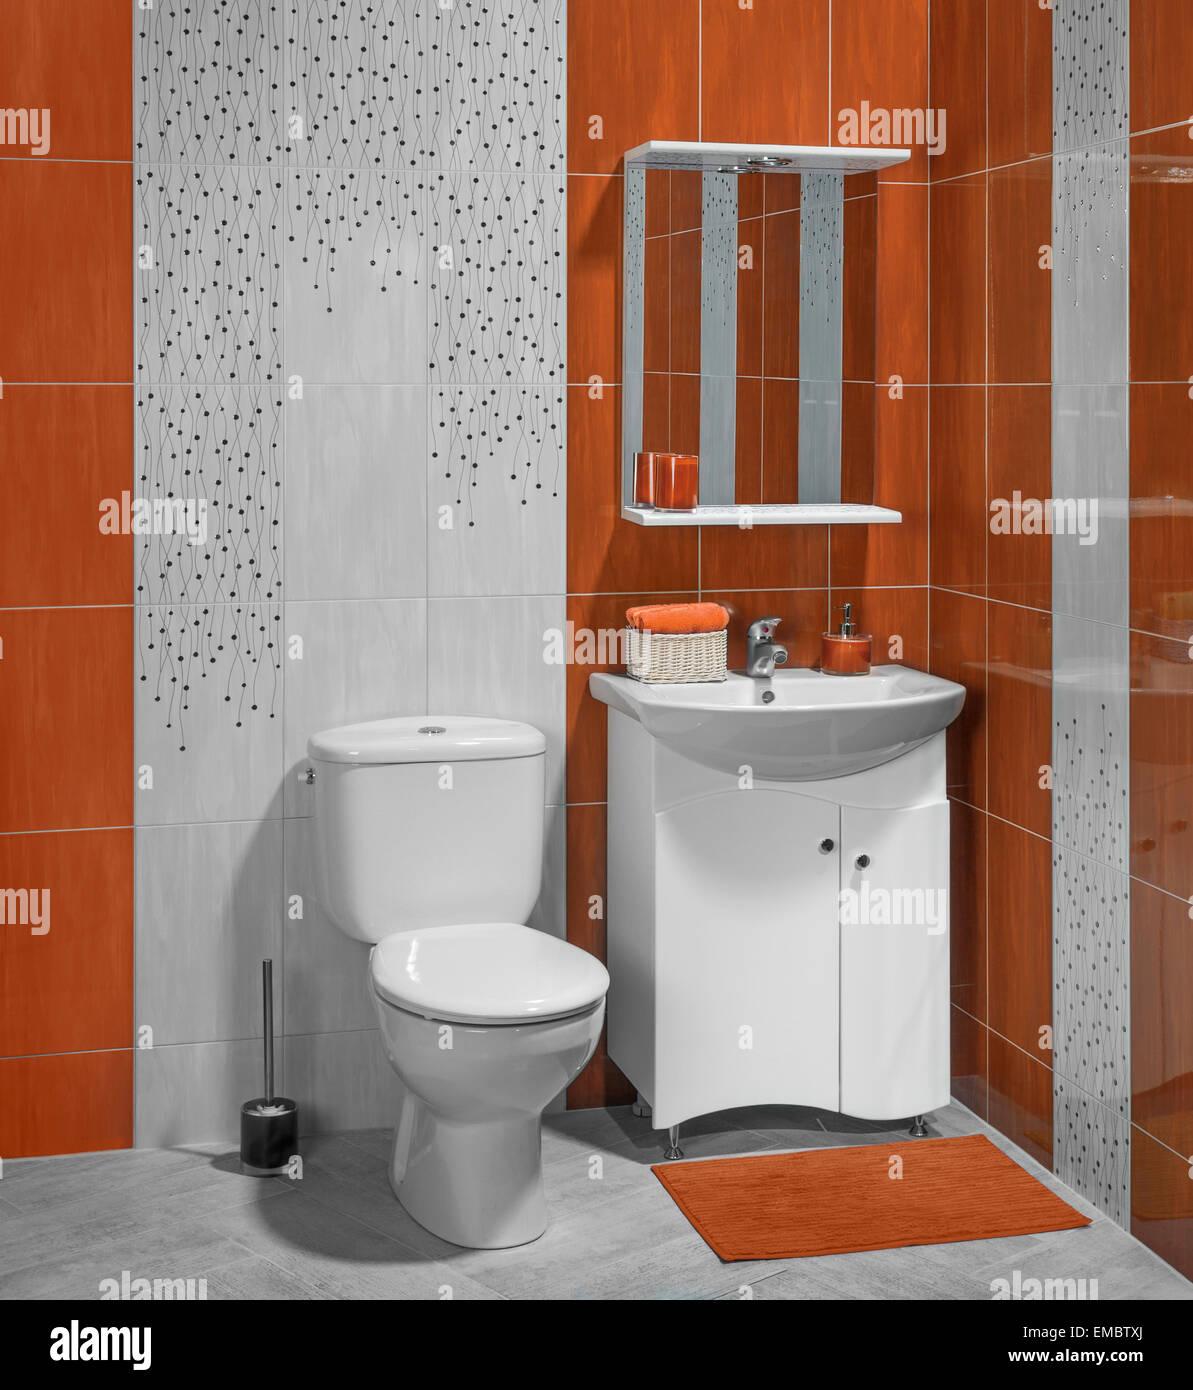 Splendidi interni di bagno con lavandino e wc decorata con piastrelle di colore arancione foto - Bagno di colore ...